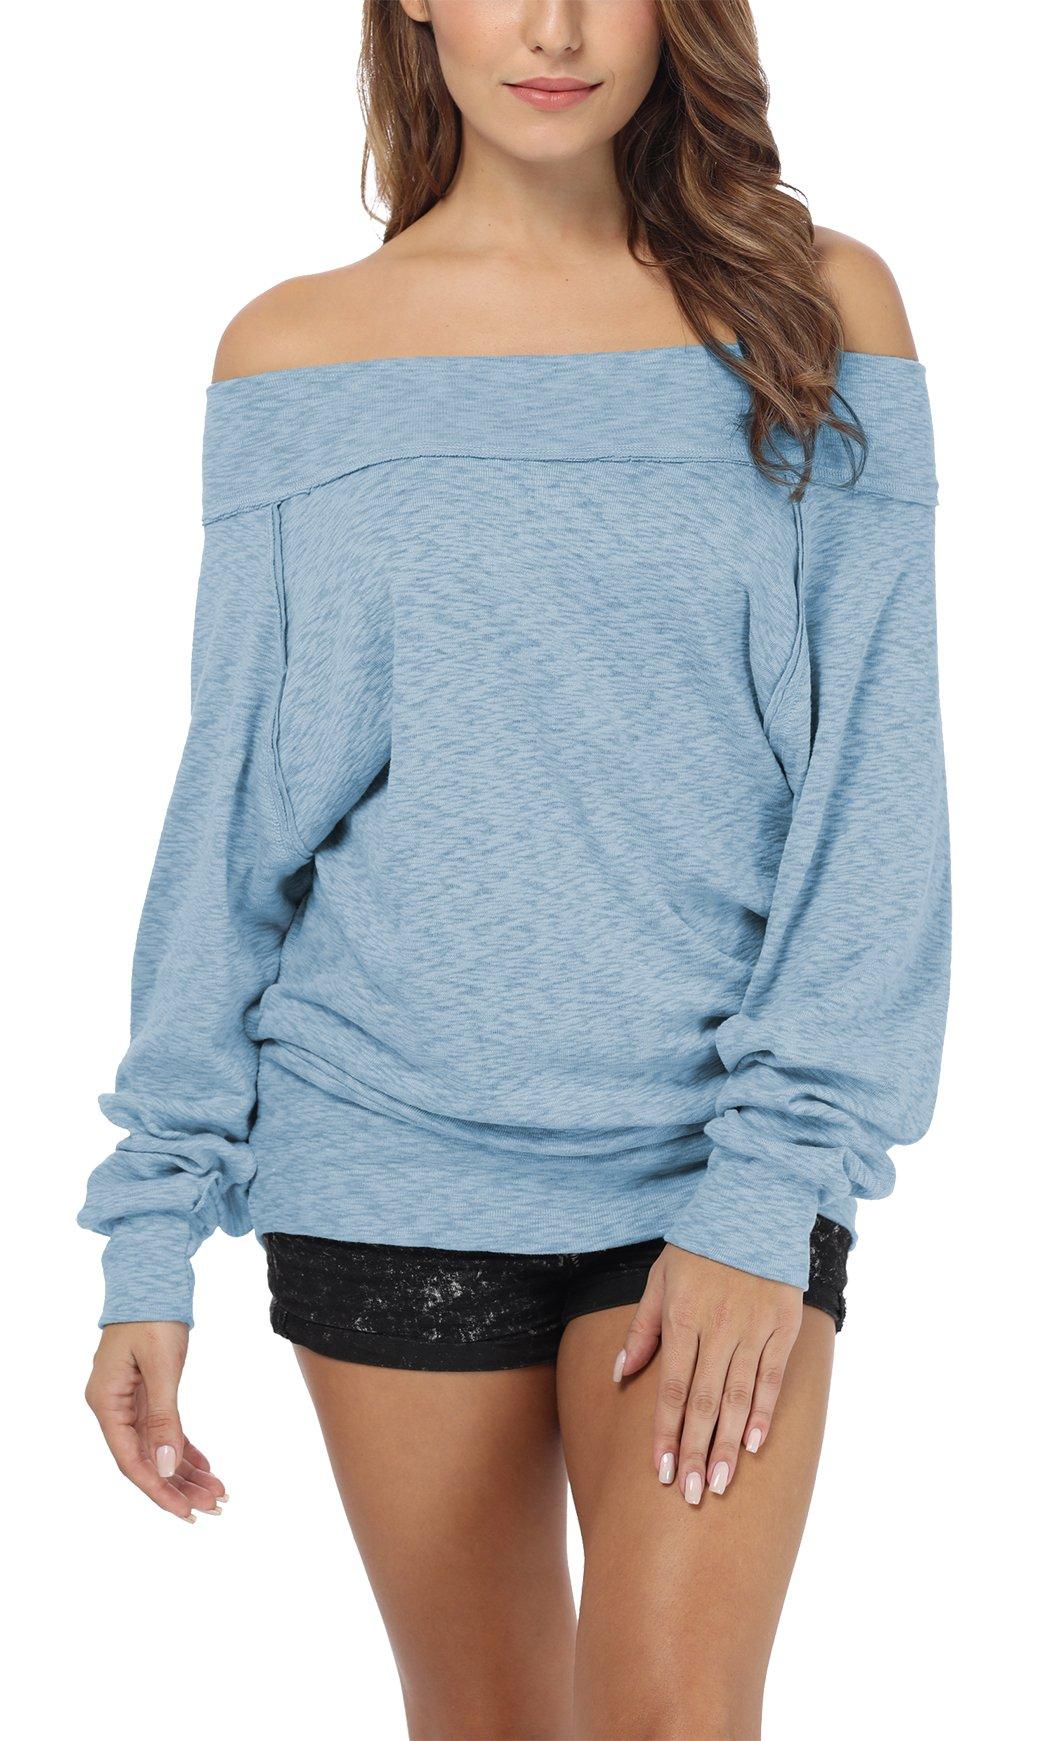 iGENJUN Women's Dolman Sleeve Off The Shoulder Sweater Shirt Tops,Blue,XL